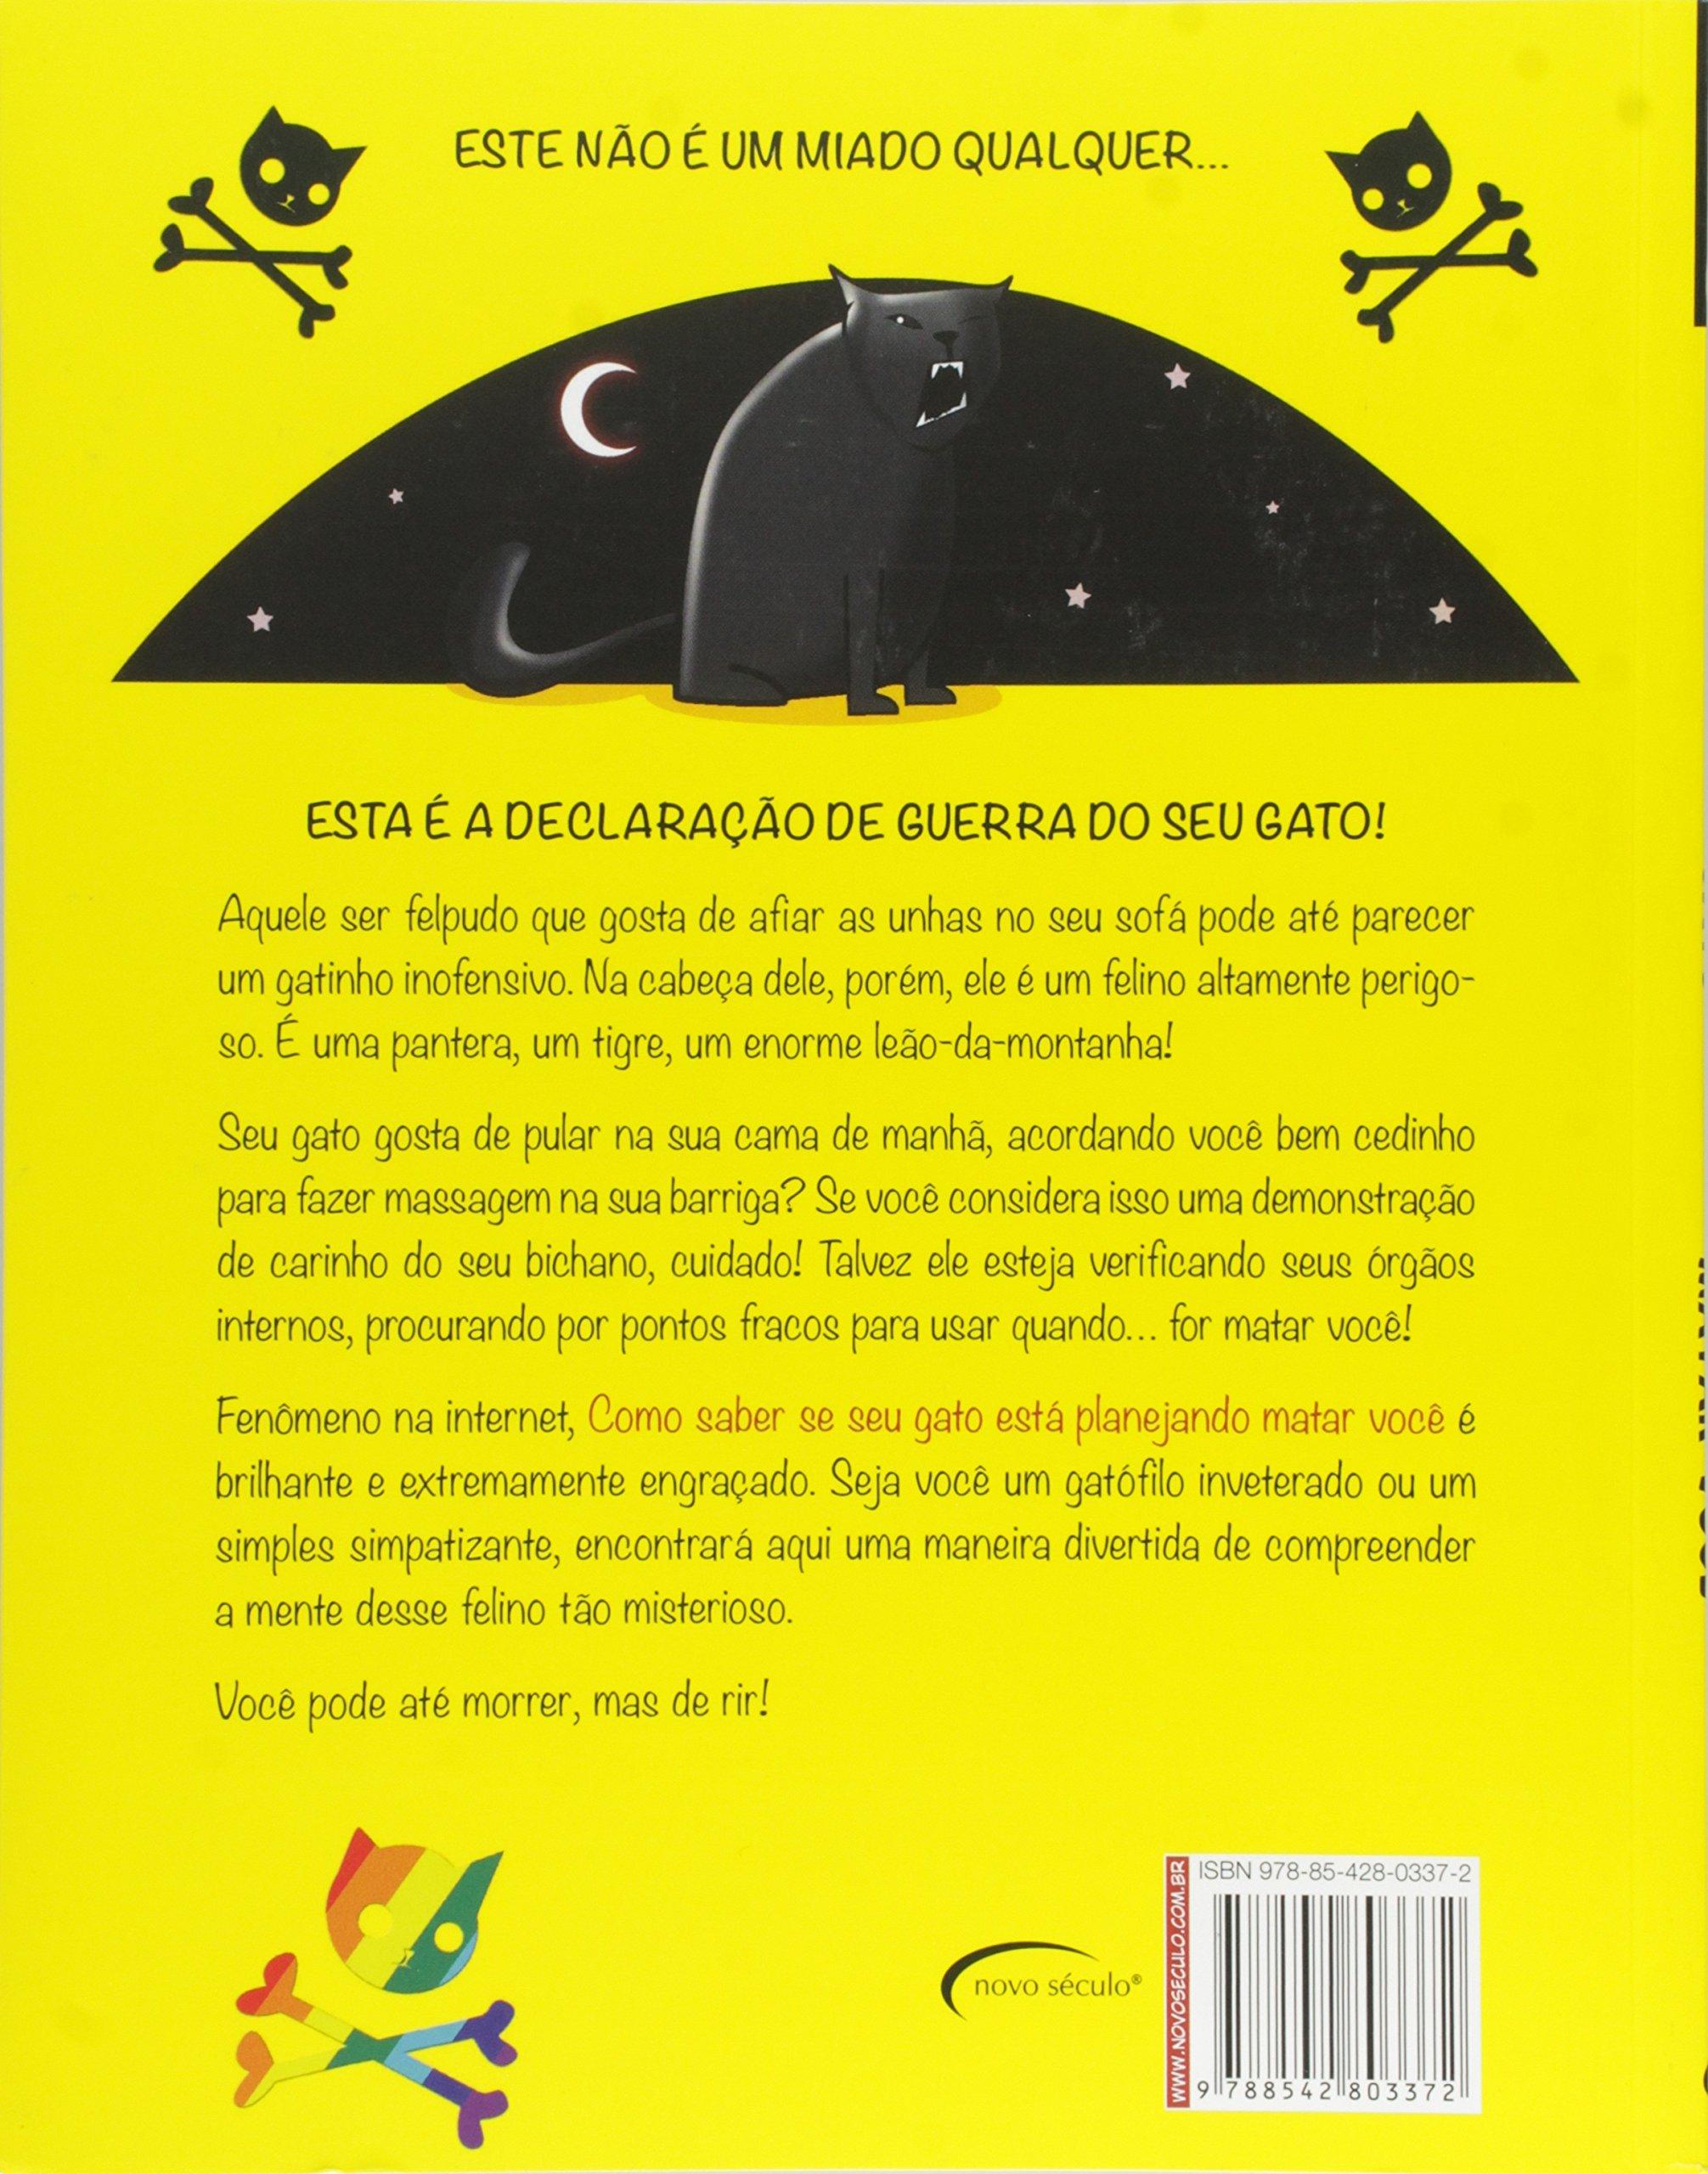 Como Saber Se Seu Gato Está Planejando Matar Você (Em Portuguese do Brasil): Vários Autores: 9788542803372: Amazon.com: Books